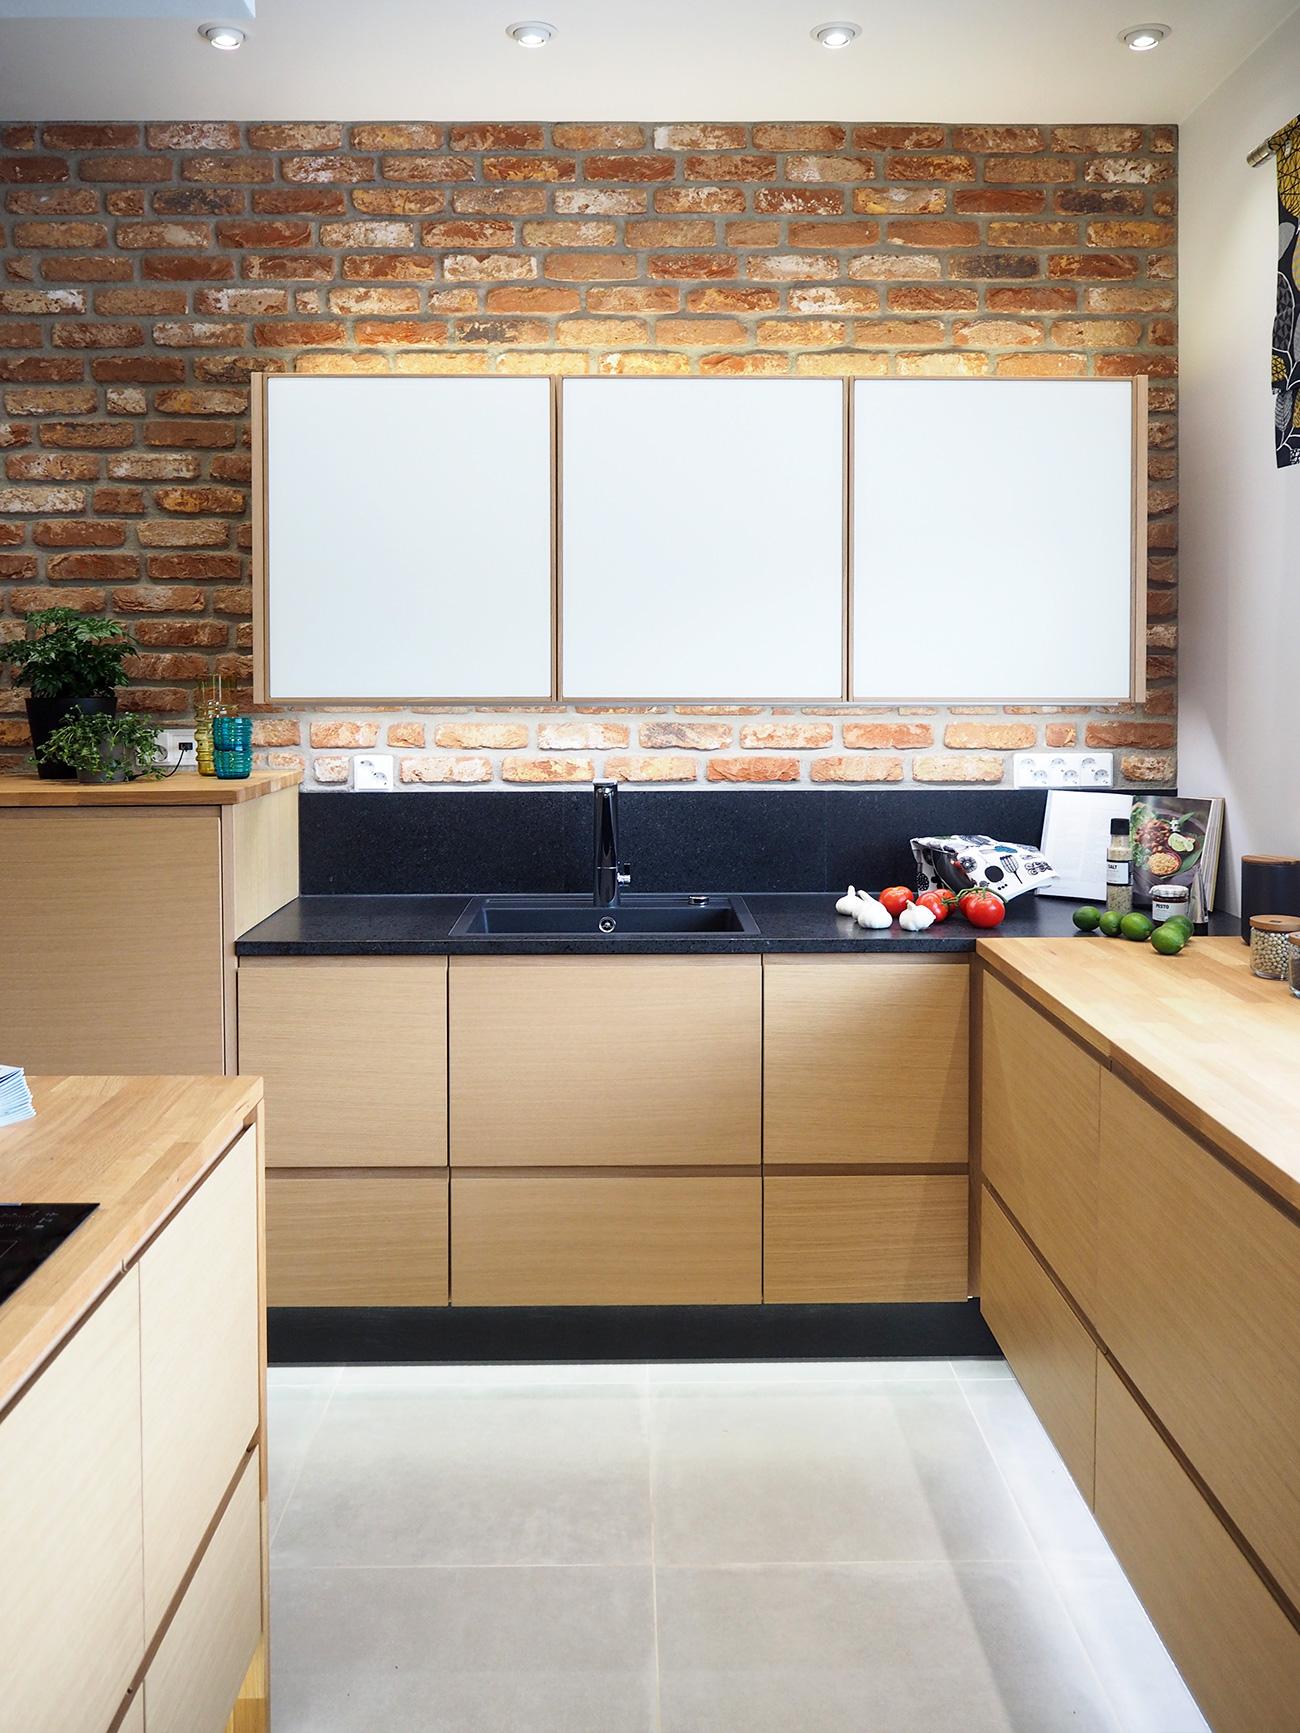 Keittiön suunnittelu  ideoita asuntomessuilta  Etuovi